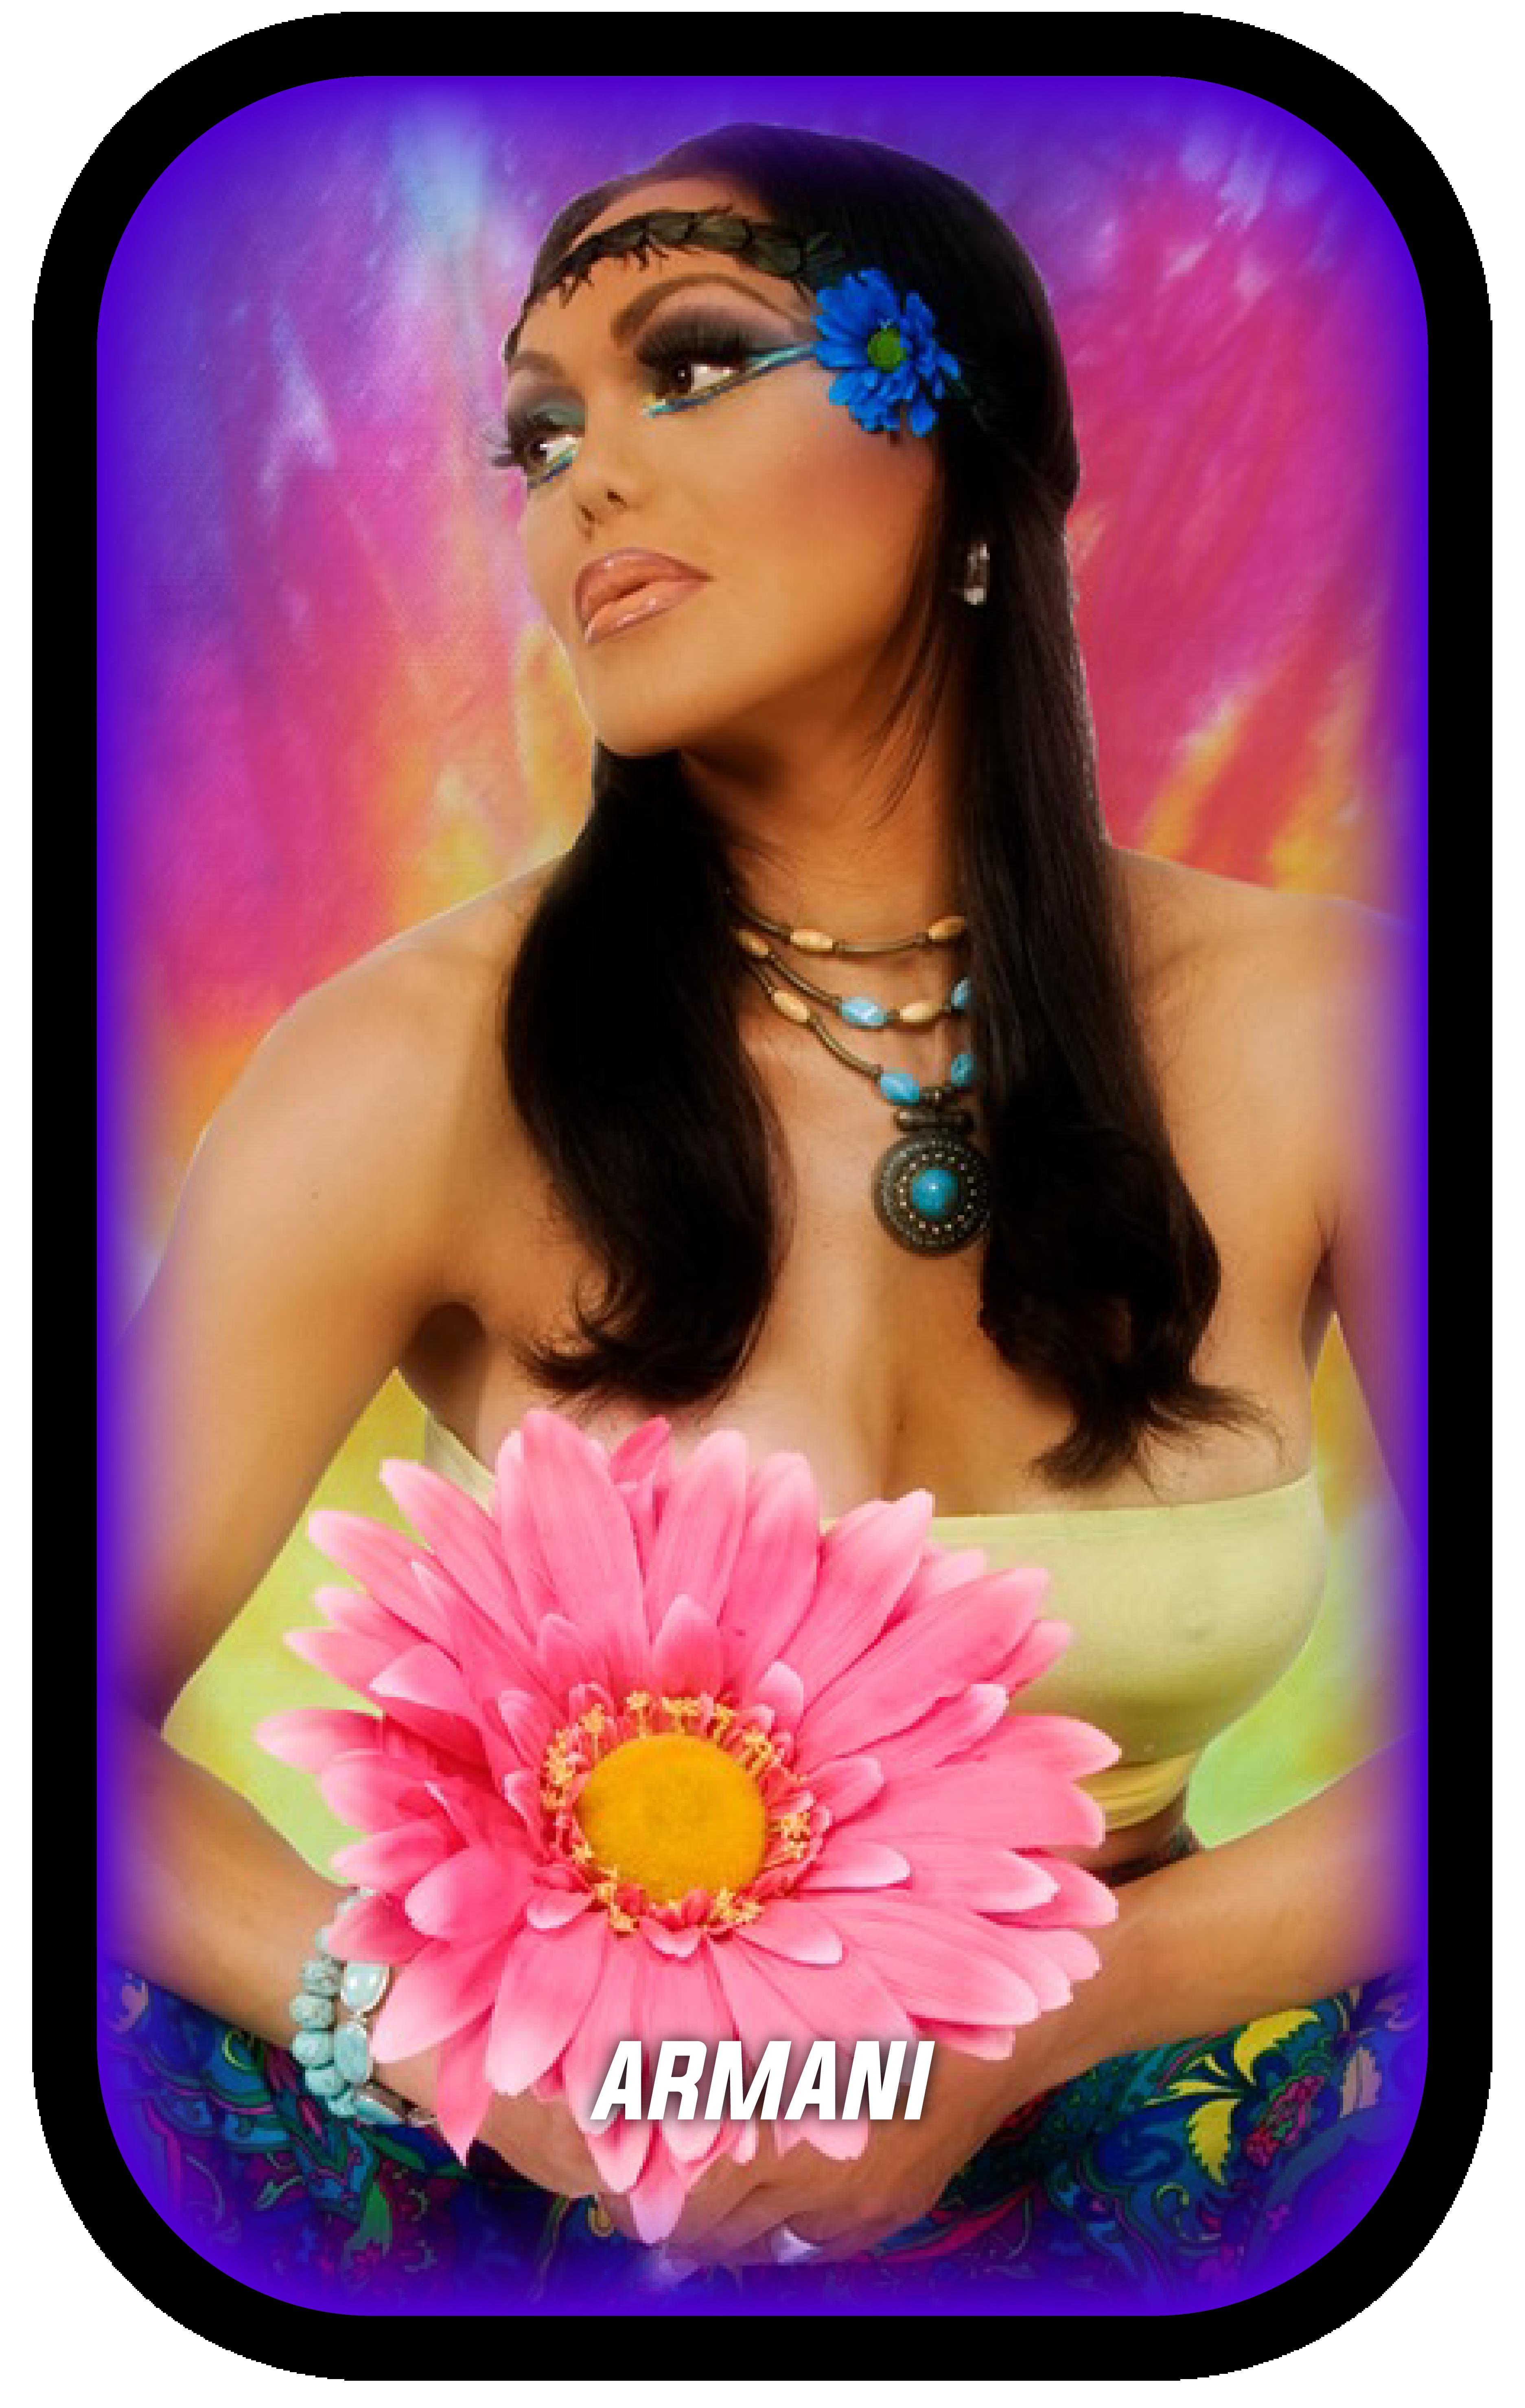 19 - Queen Profile (ARMANI) 03